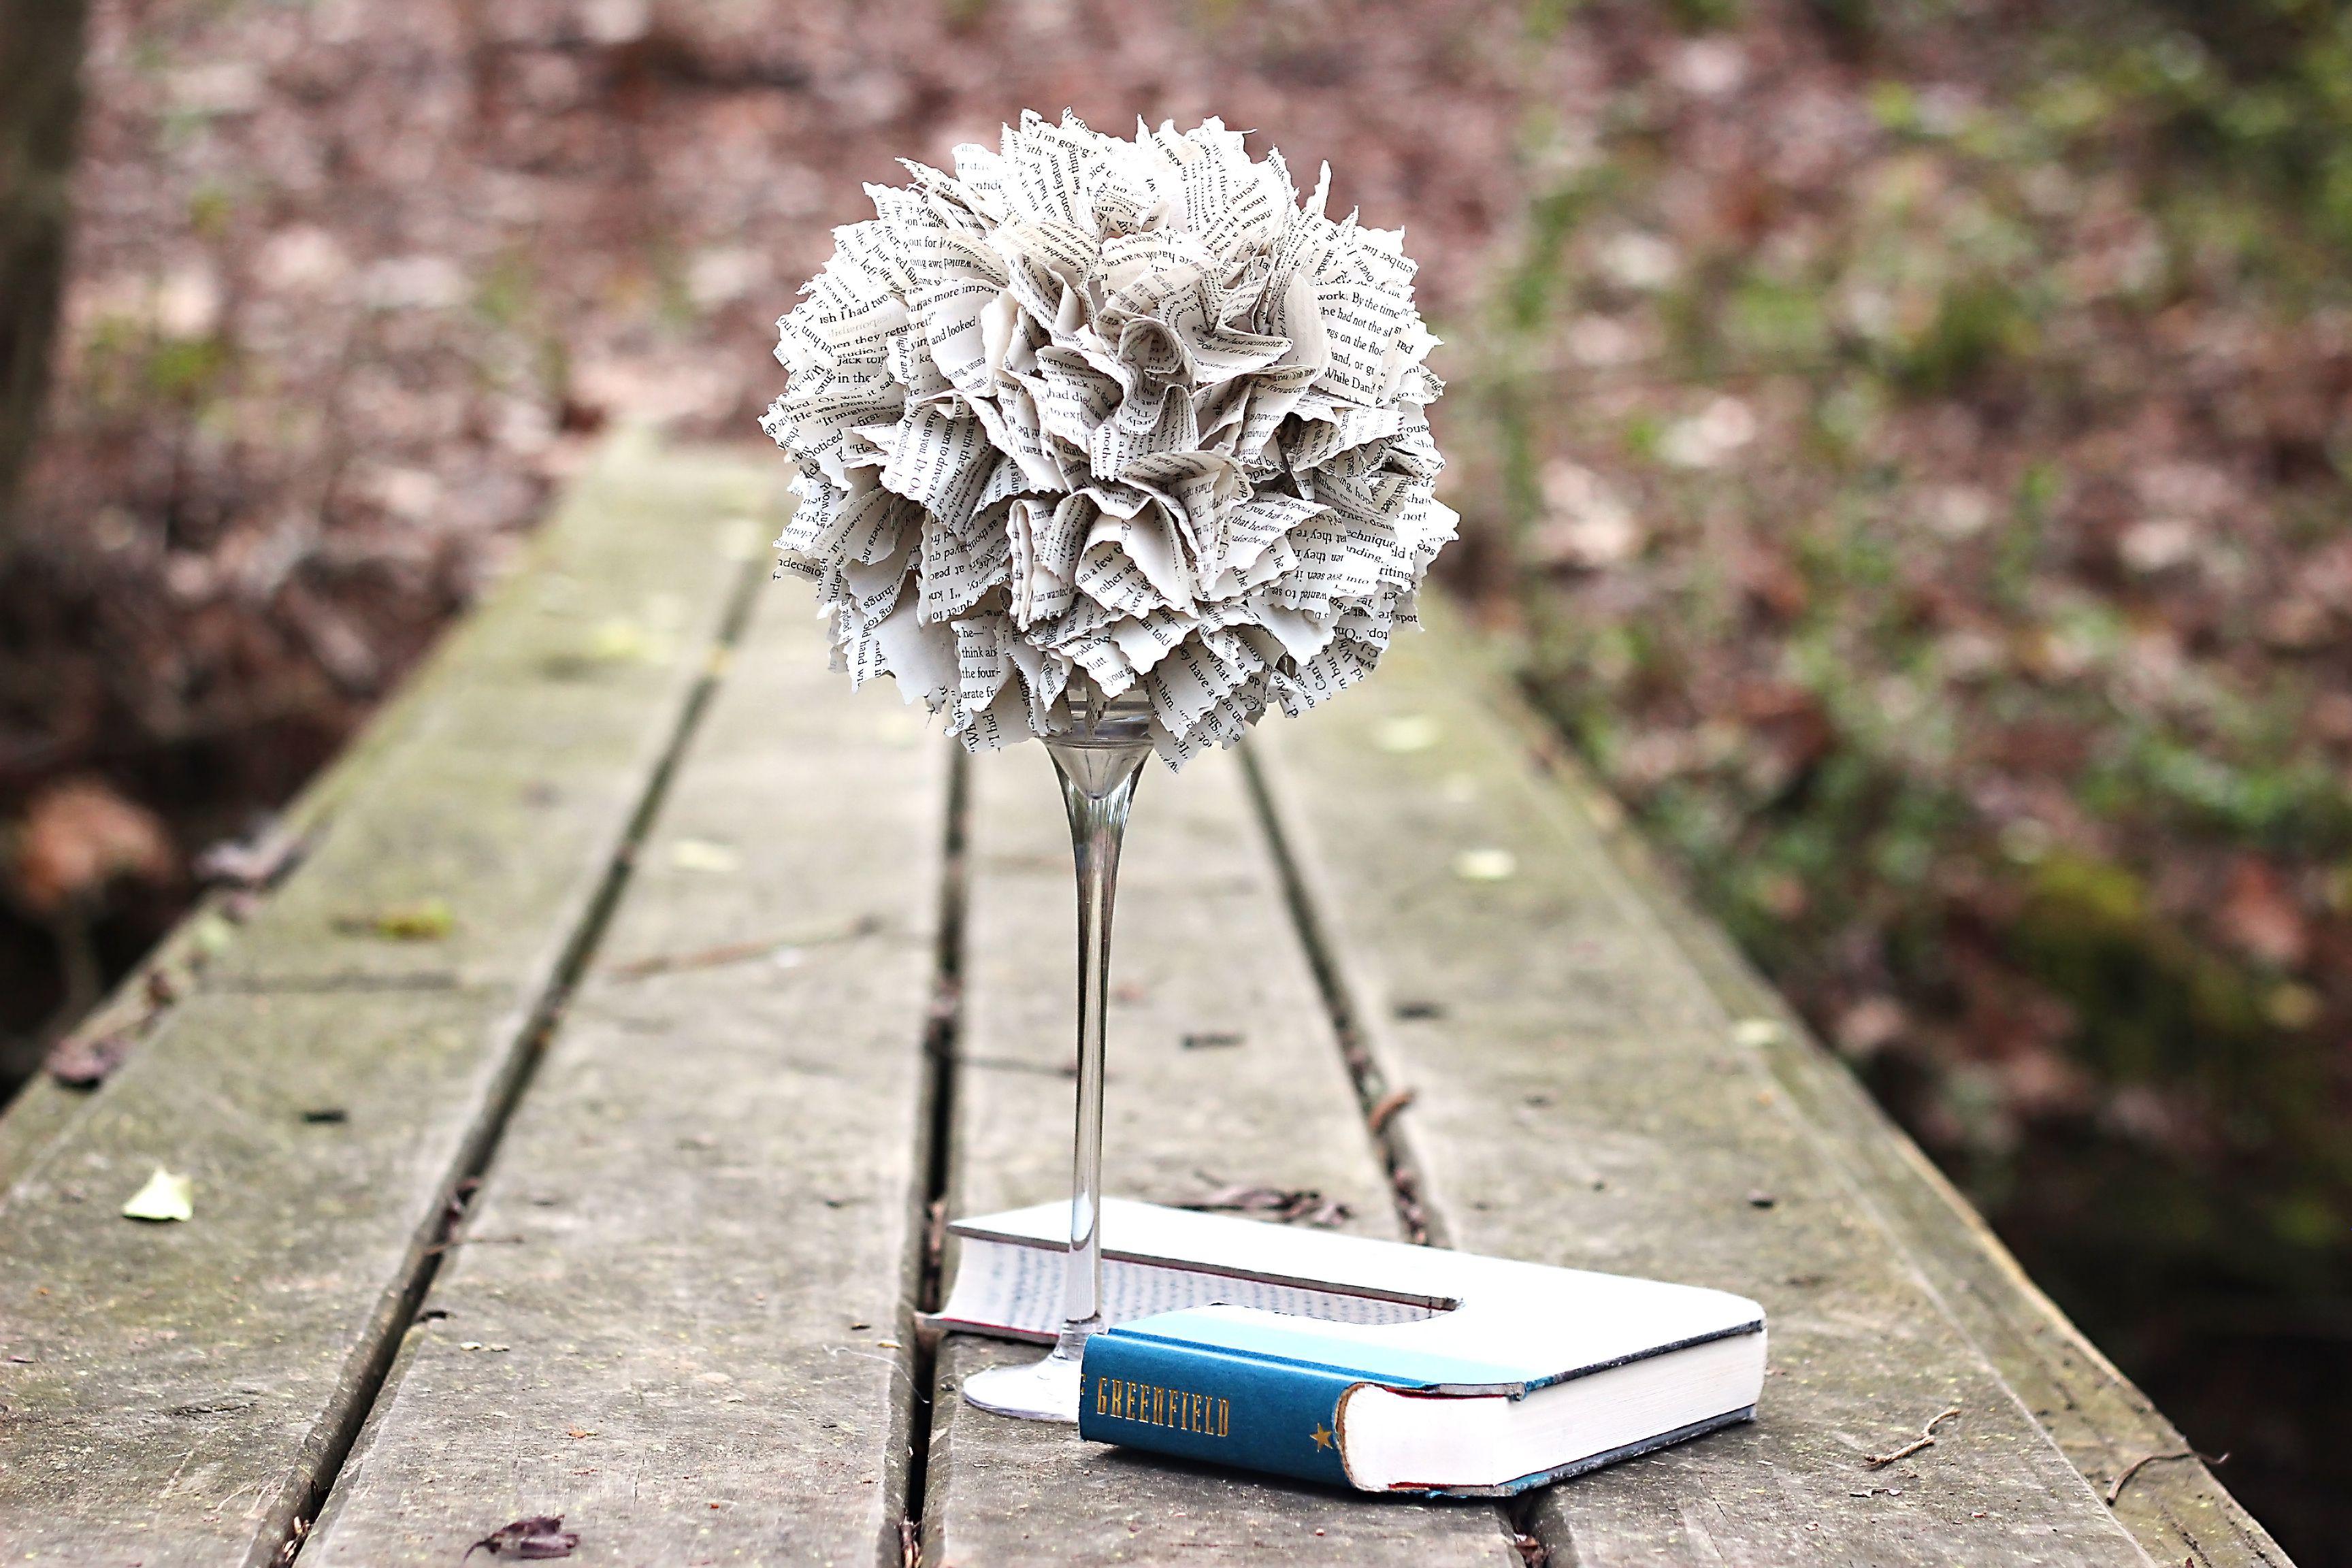 Un topiario hecho de páginas de libros